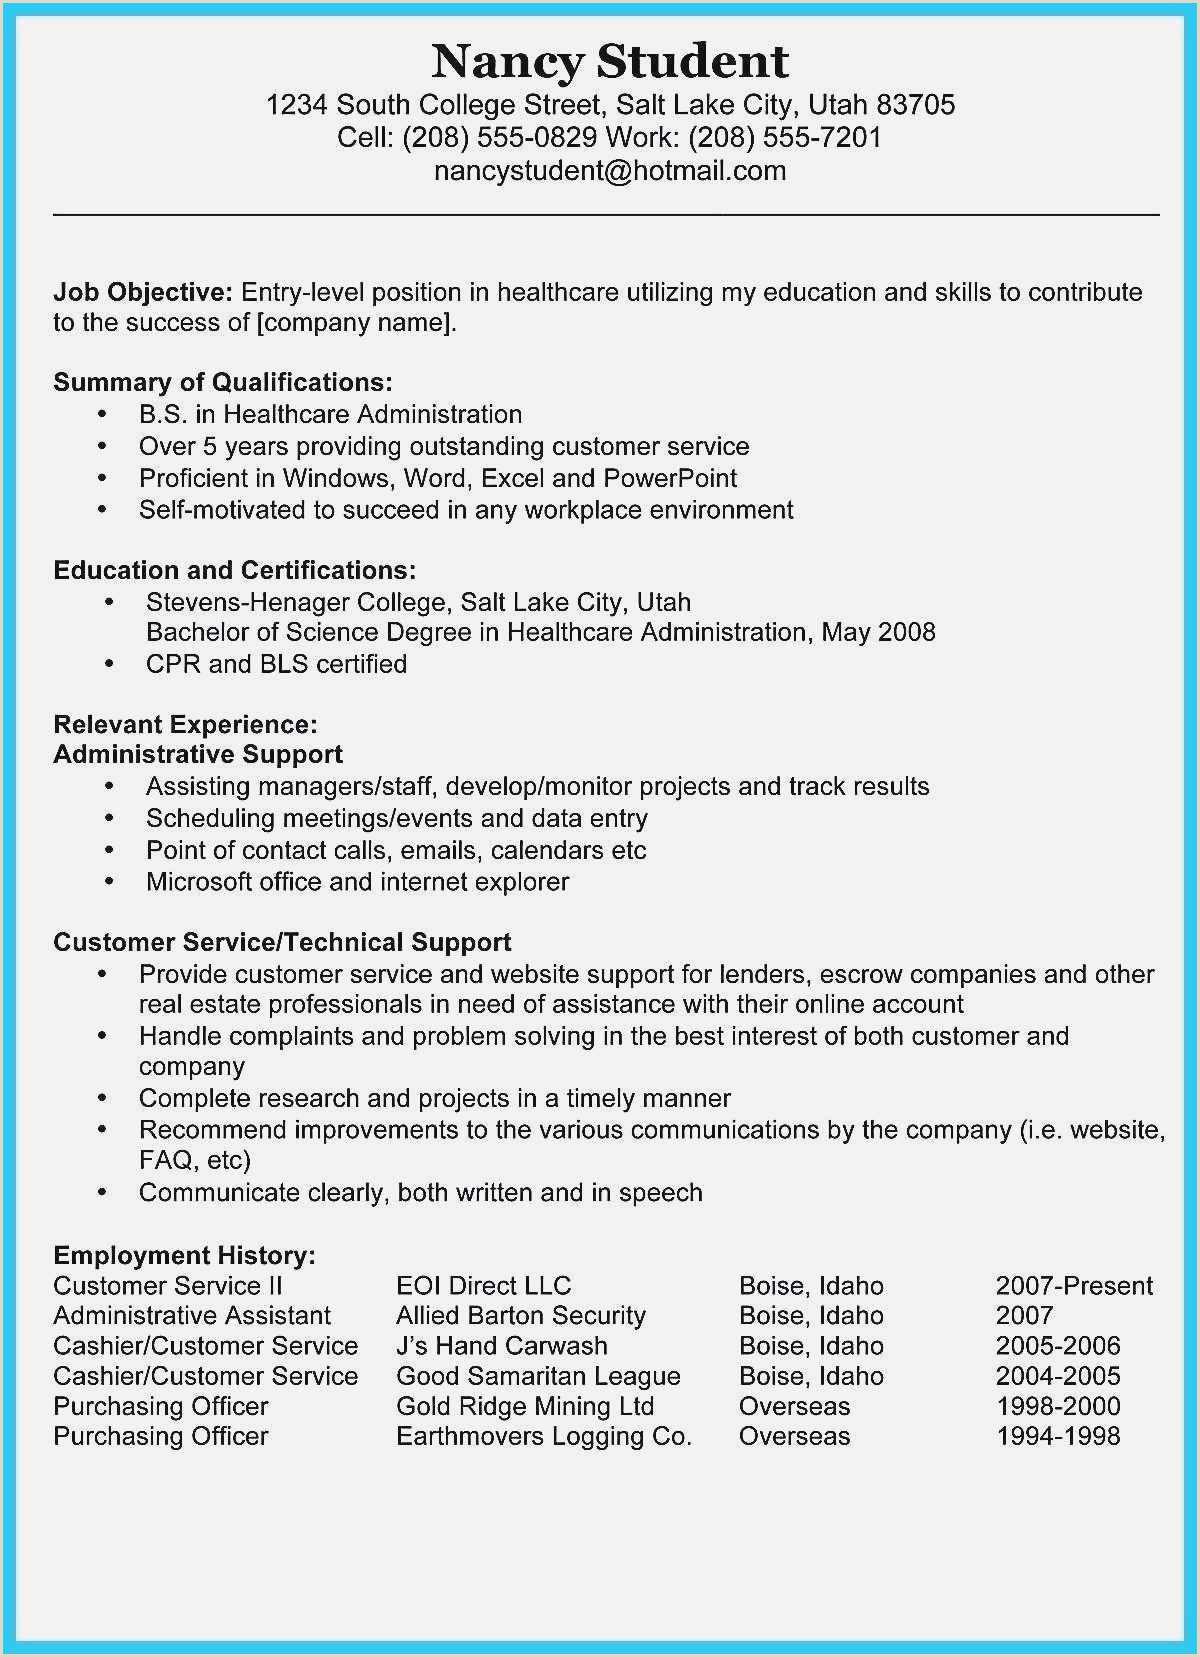 Resume Format For Job Online New Data Entry Resume Sample